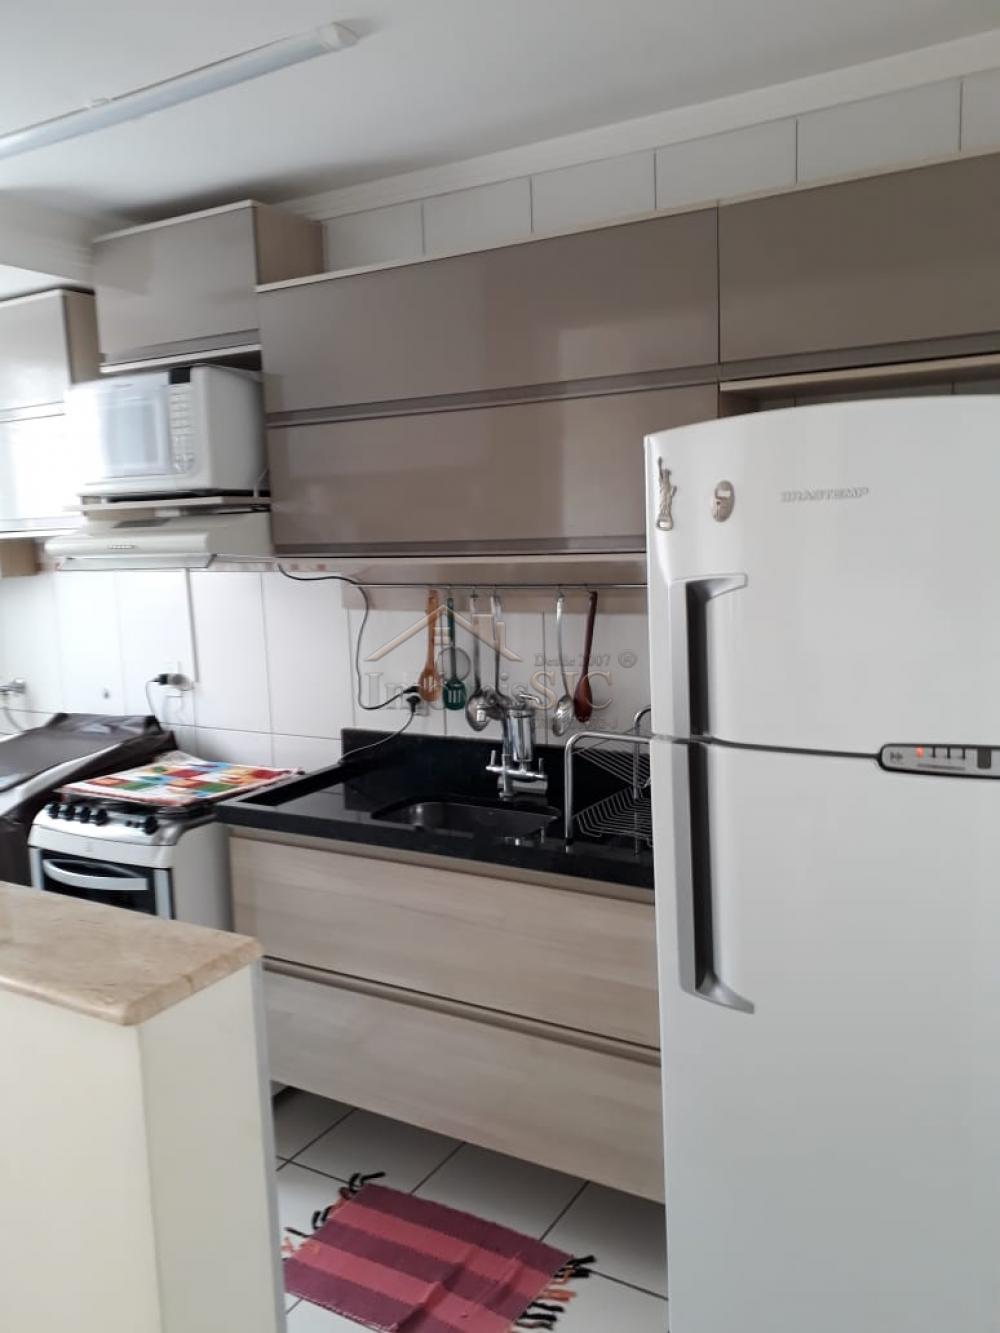 Comprar Apartamentos / Padrão em São José dos Campos apenas R$ 235.000,00 - Foto 4